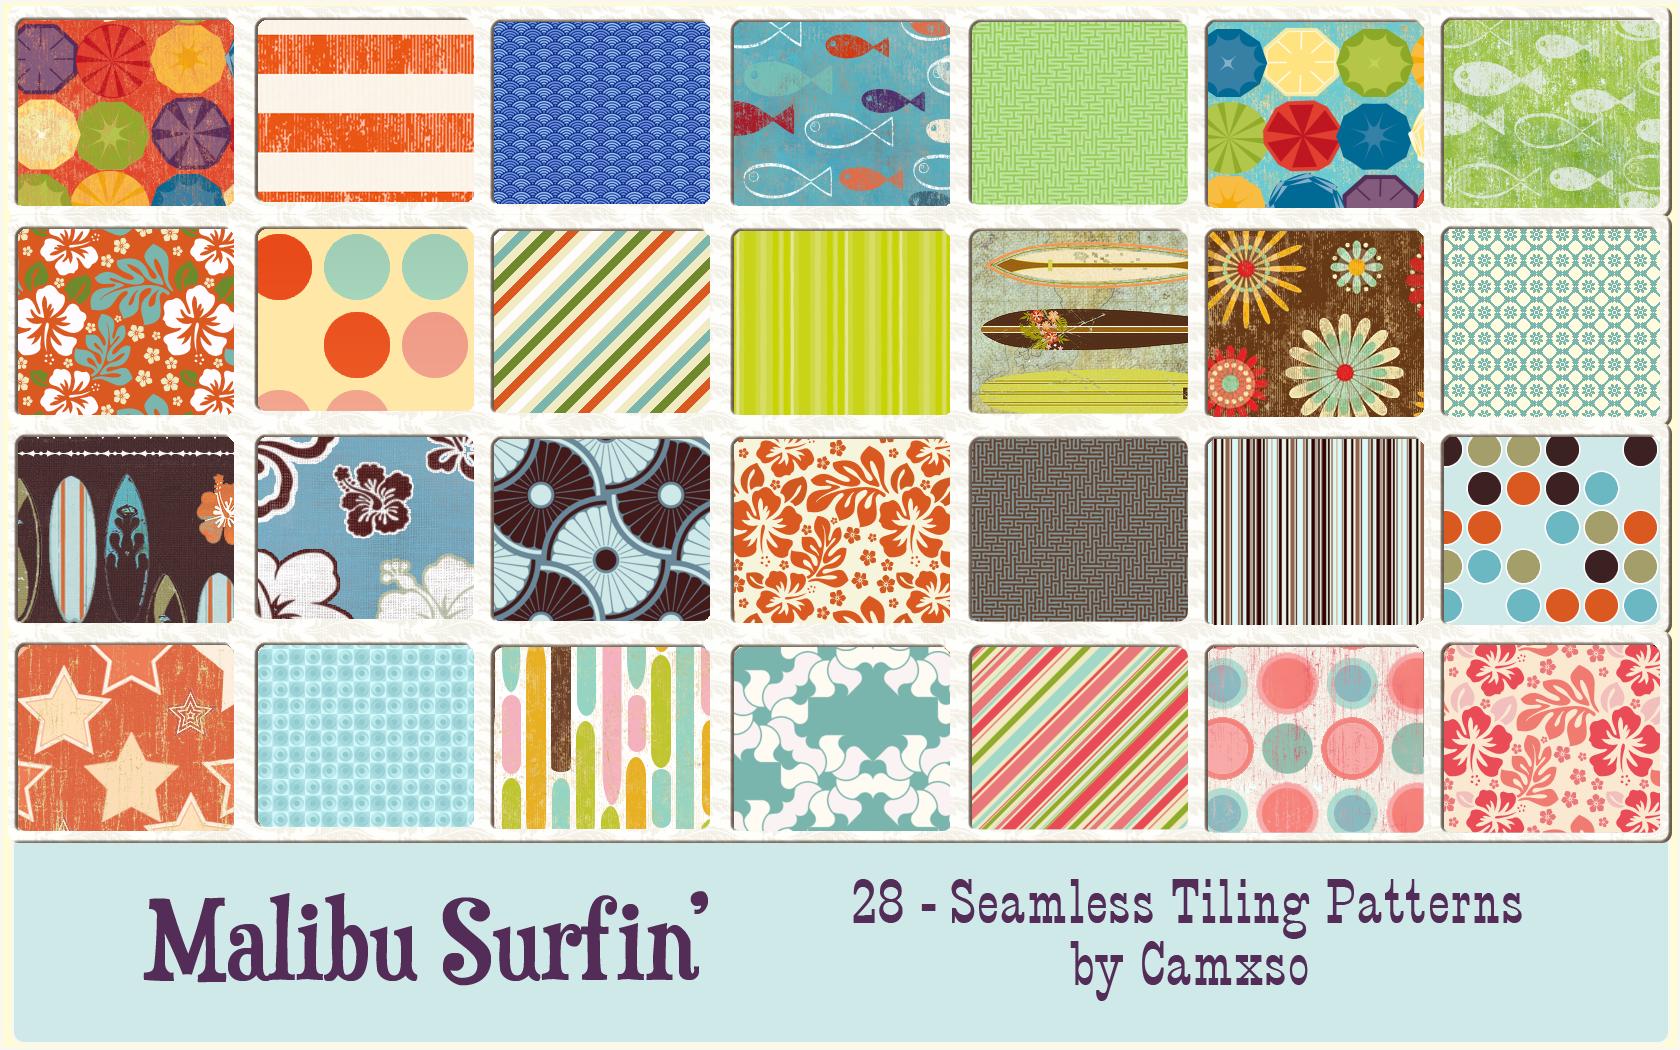 Malibu Surfin' by Camxso